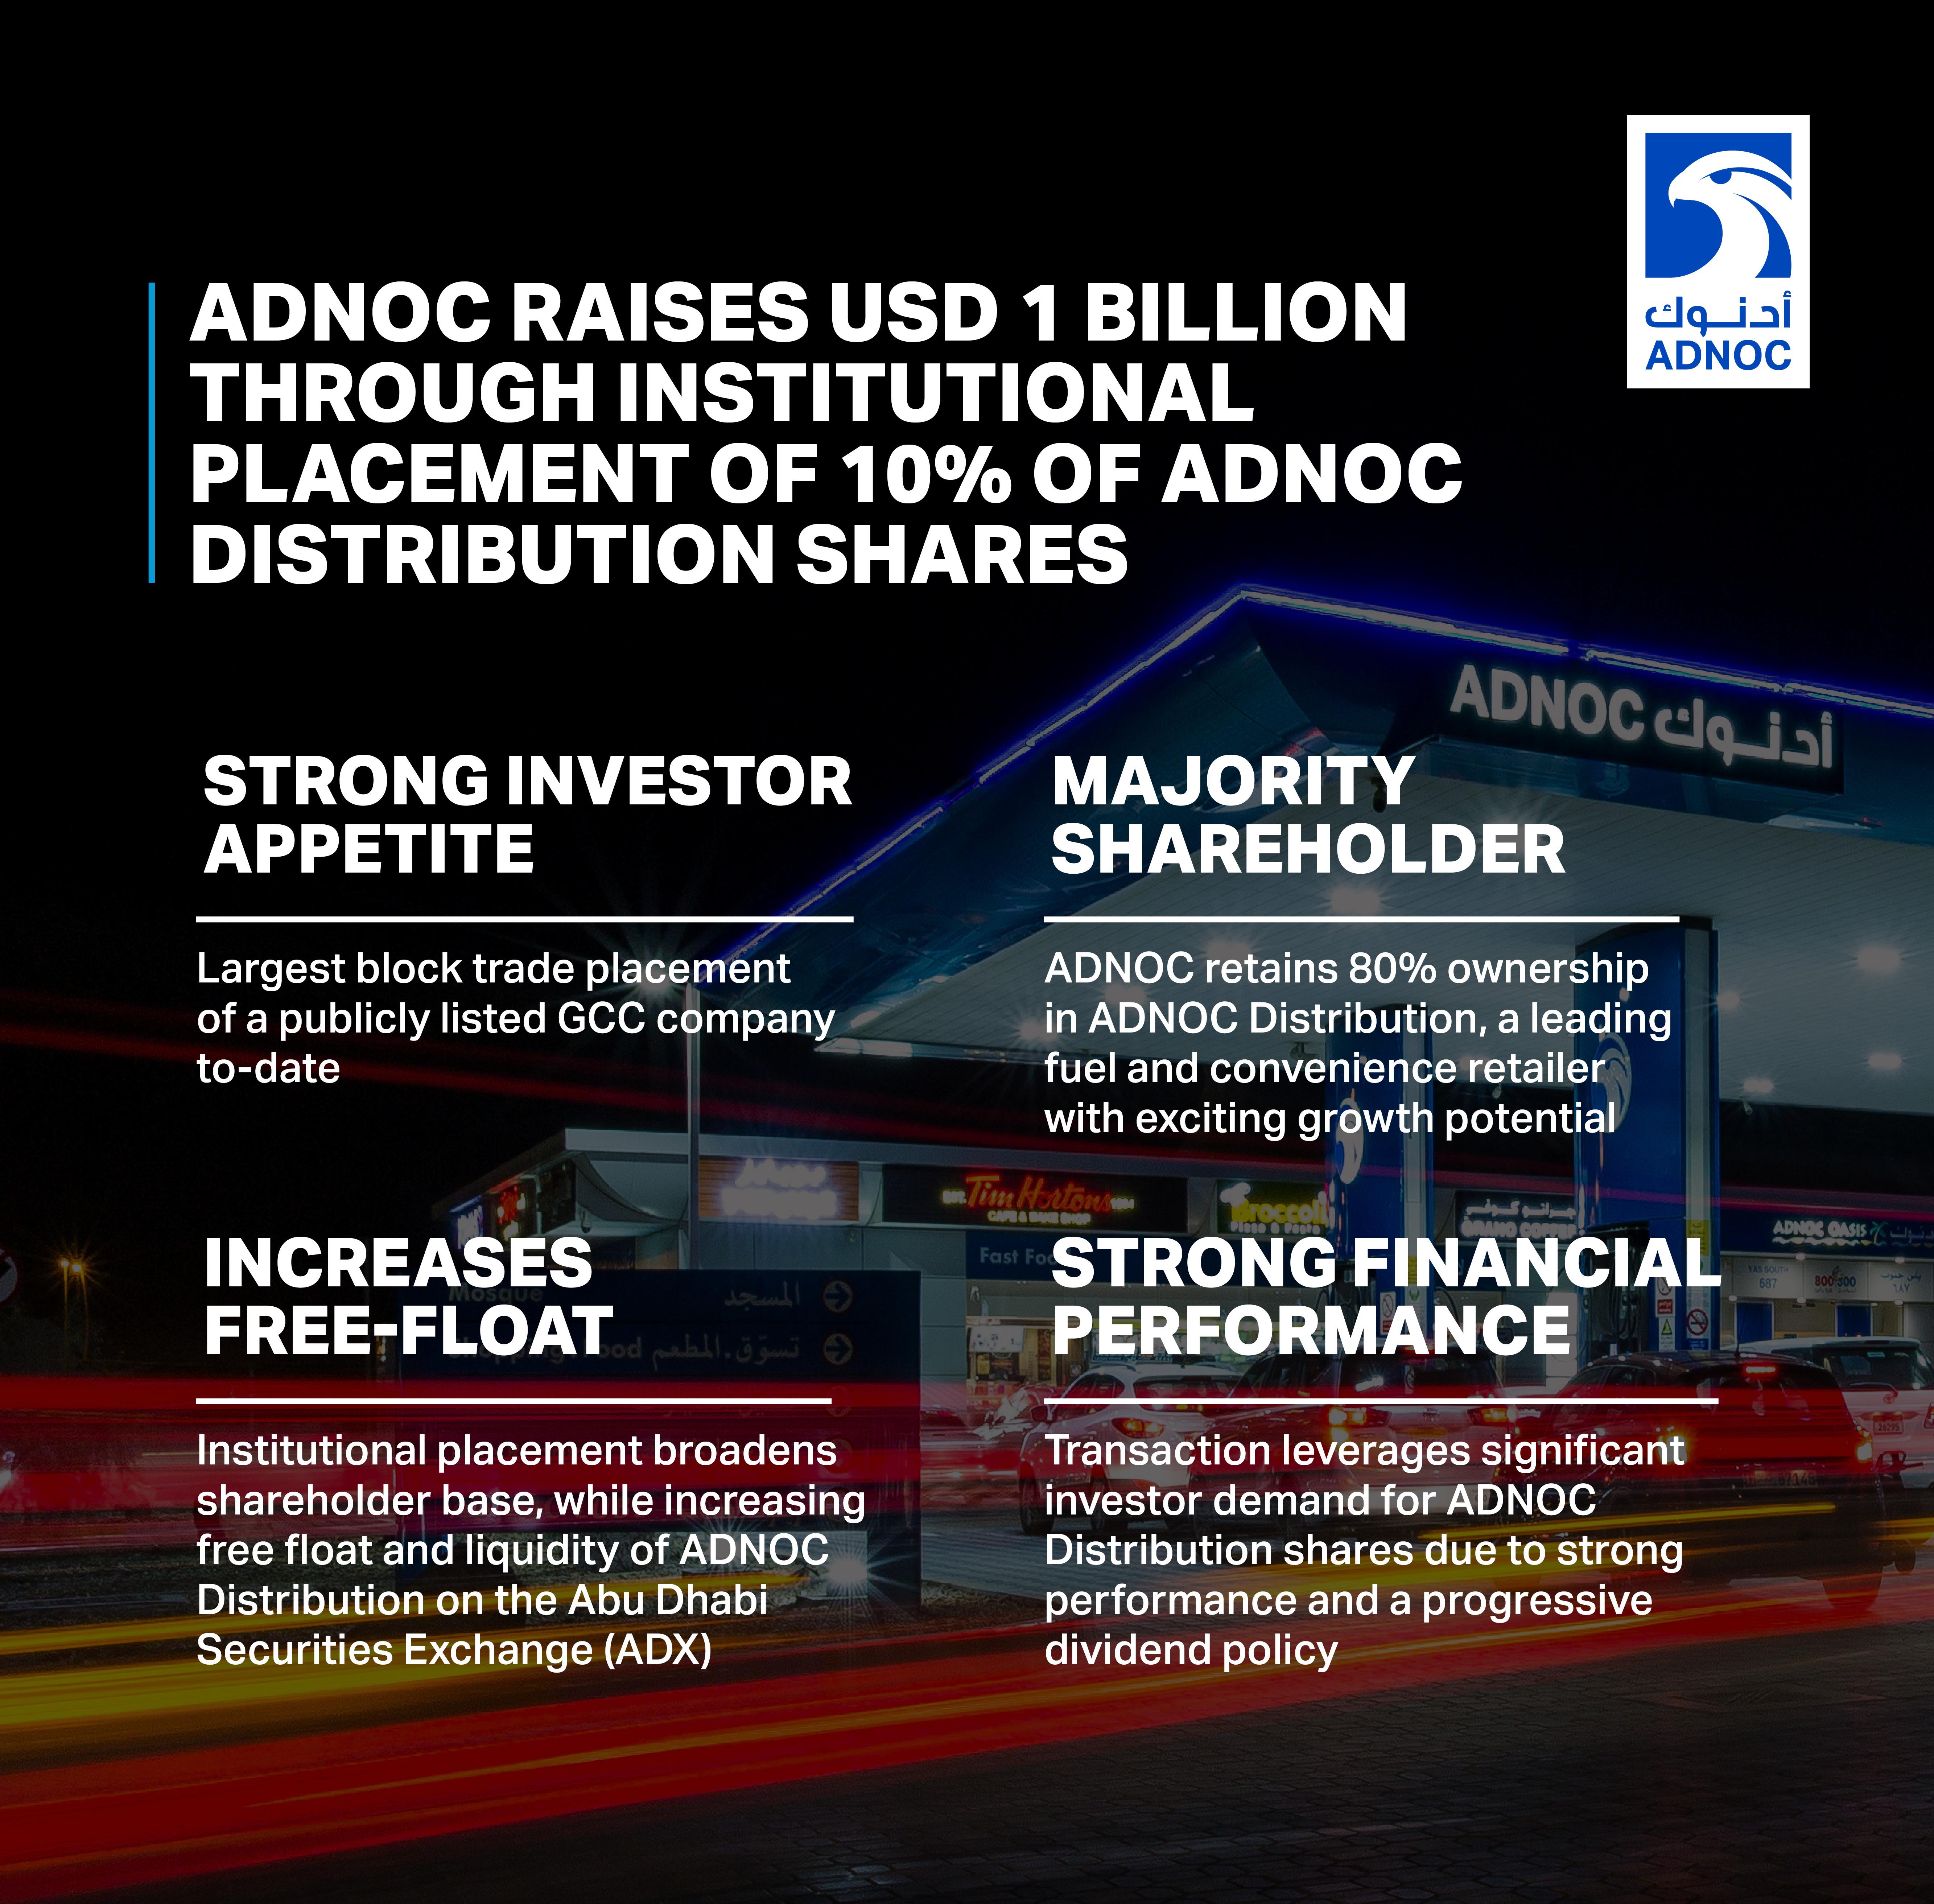 """""""أدنوك"""" تنفذ بنجاح طرحا خاصا بقيمة 3.7 مليار درهم لحصة من أسهم شركة """"أدنوك للتوزيع"""""""